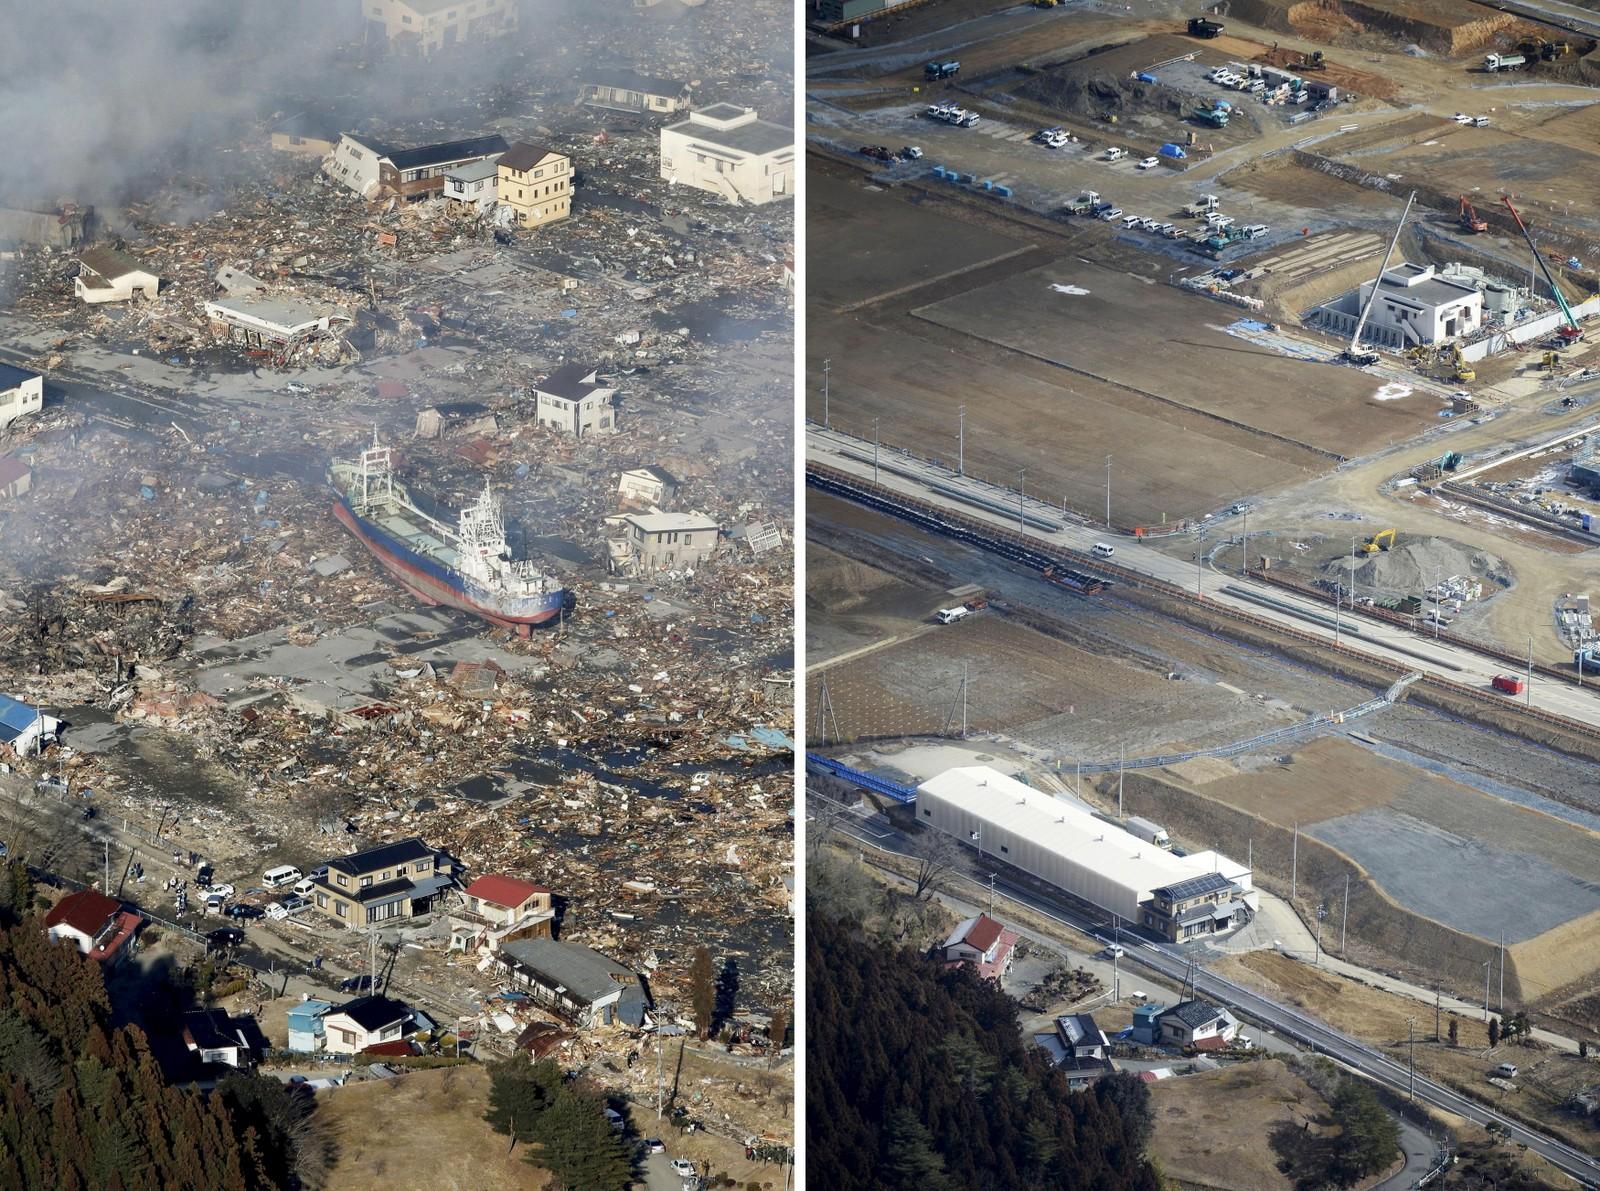 FUKUSHIMA: Fukushima-ulykken er den nest verste atomulykken i historien etter Tsjernobyl-ulykken i 1986. Flere hundre tusen mennesker ble evakuert bort fra den farlige strålingen, og mange har fortsatt ikke fått flytte hjem. I dag er tre av de tidligere femti atomkraftverkene gjenåpnet etter Fukushima-ulykken.